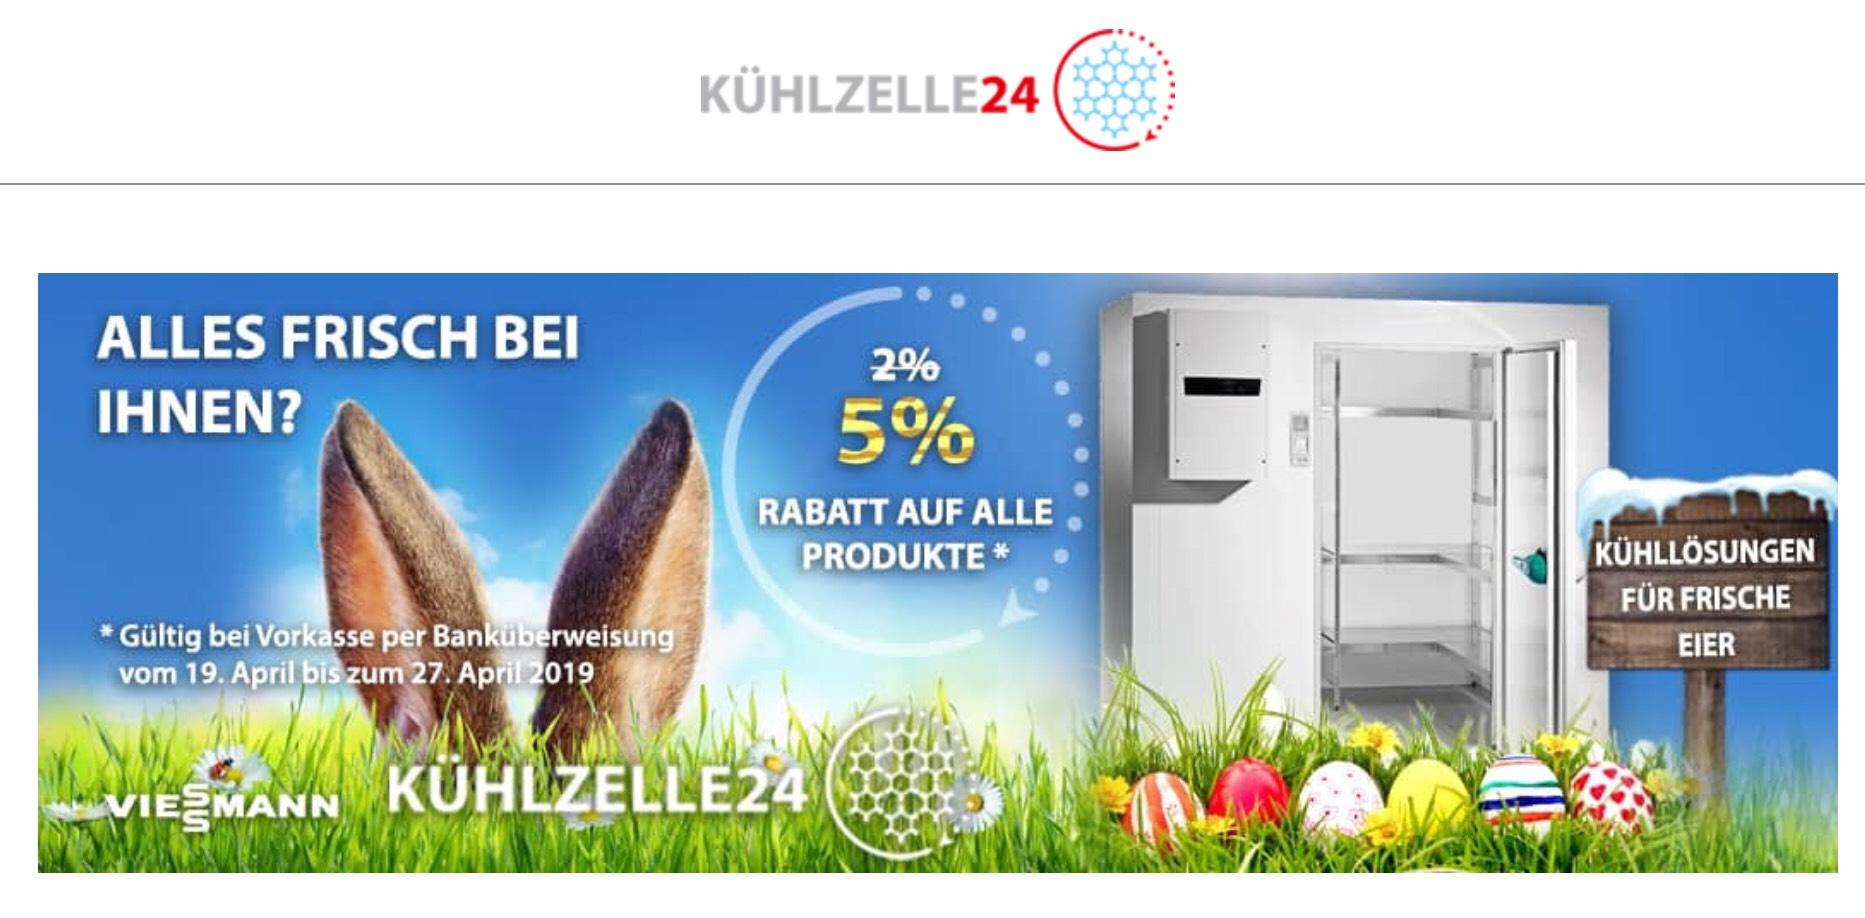 Eiskalter Gewerbedeal - Kühlzelle24 macht eure Eier frisch ;)